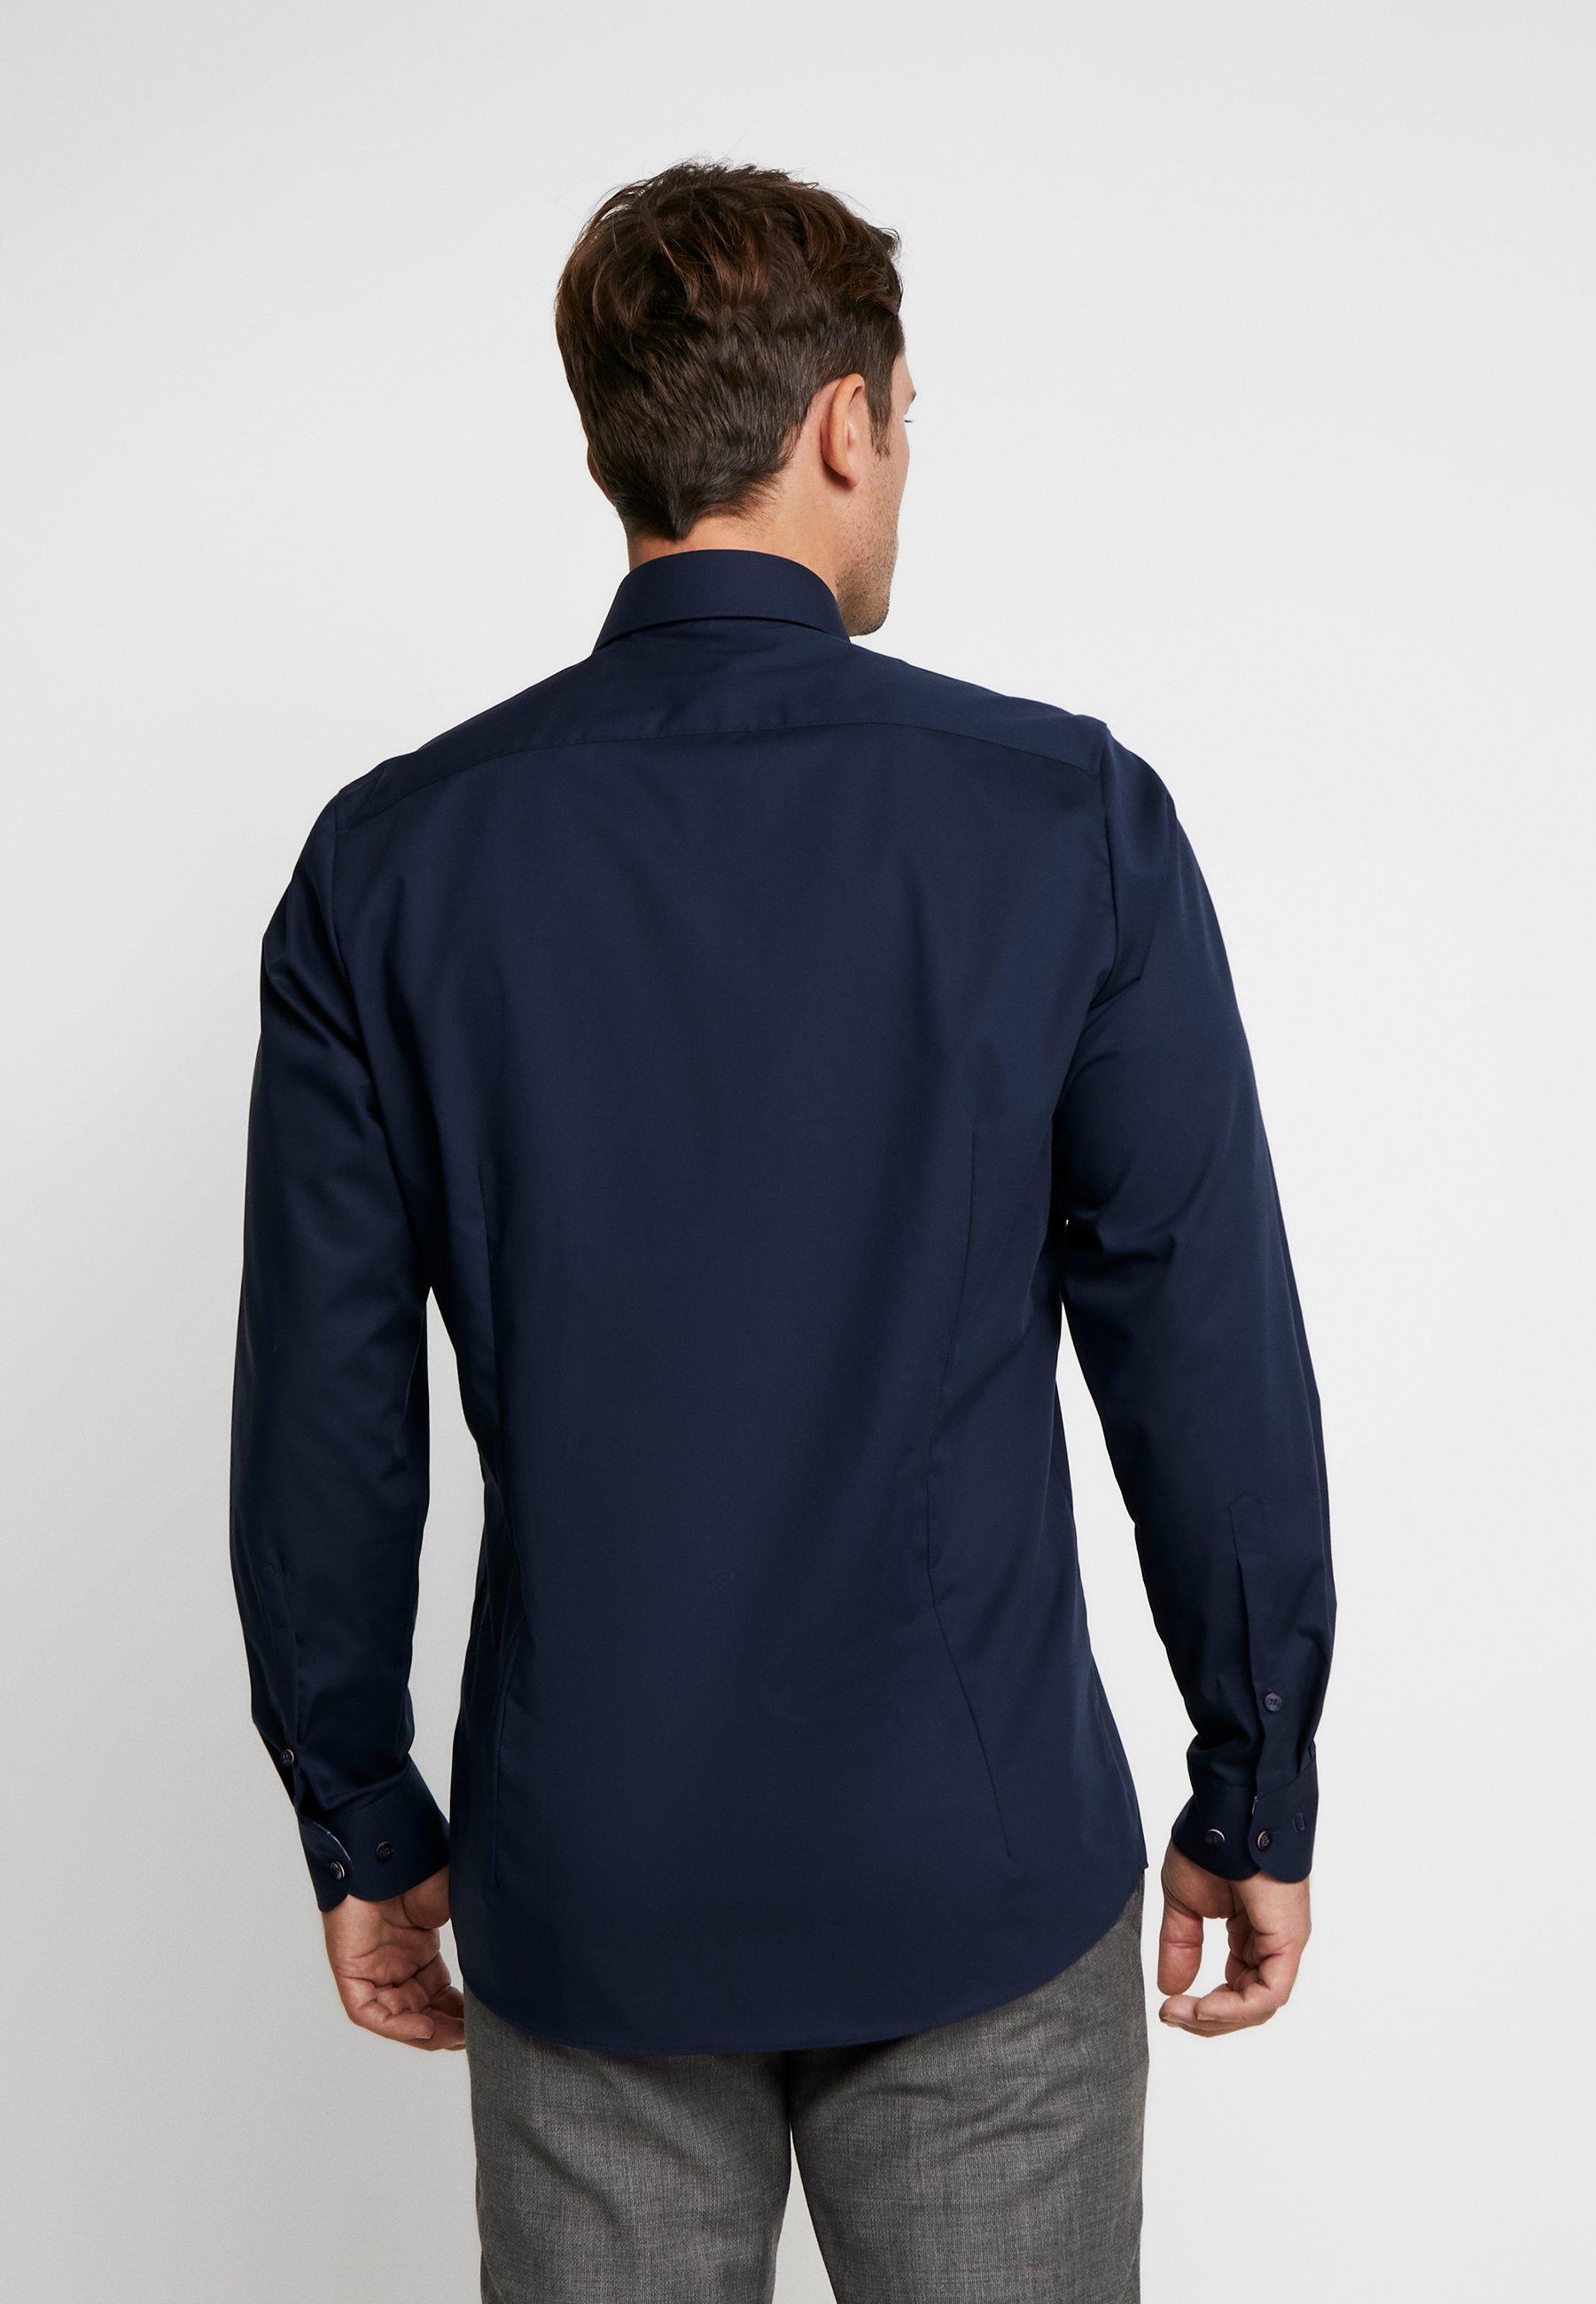 OLYMP OLYMP LEVEL 5 BODY FIT  - Koszula biznesowa - kobalt